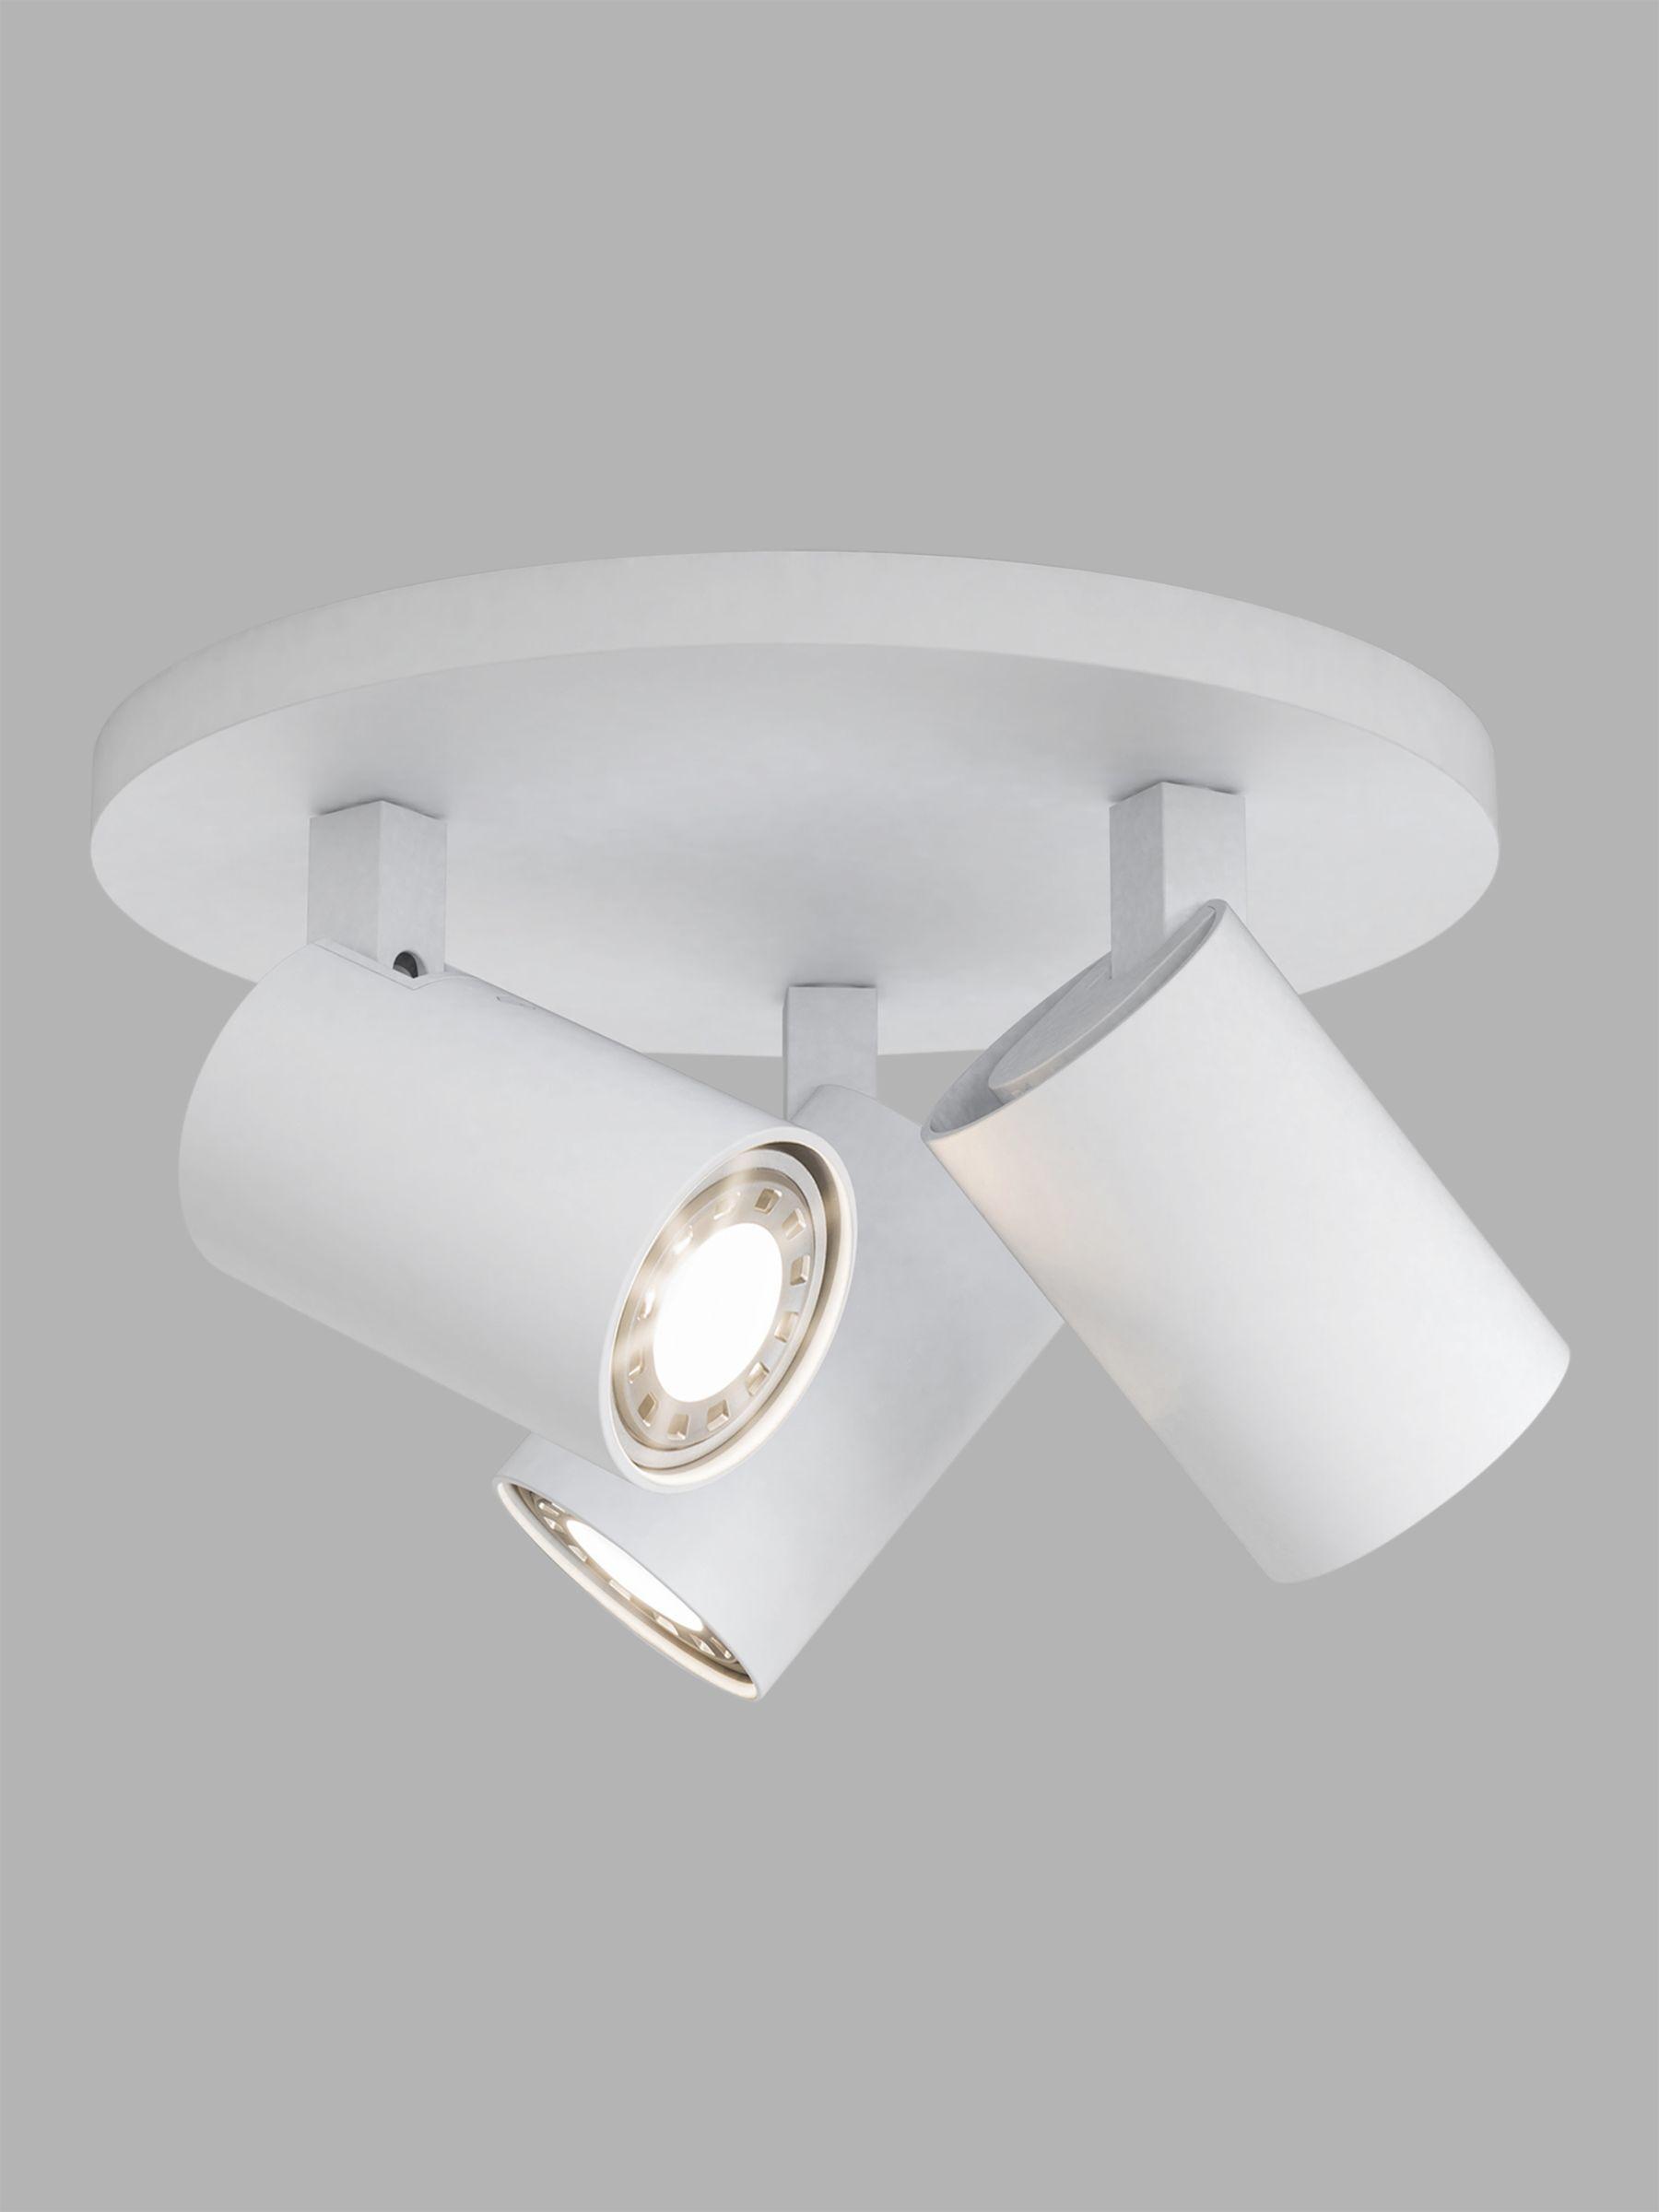 ASTRO Astro Ascoli 3 Spotlight Ceiling Plate, White